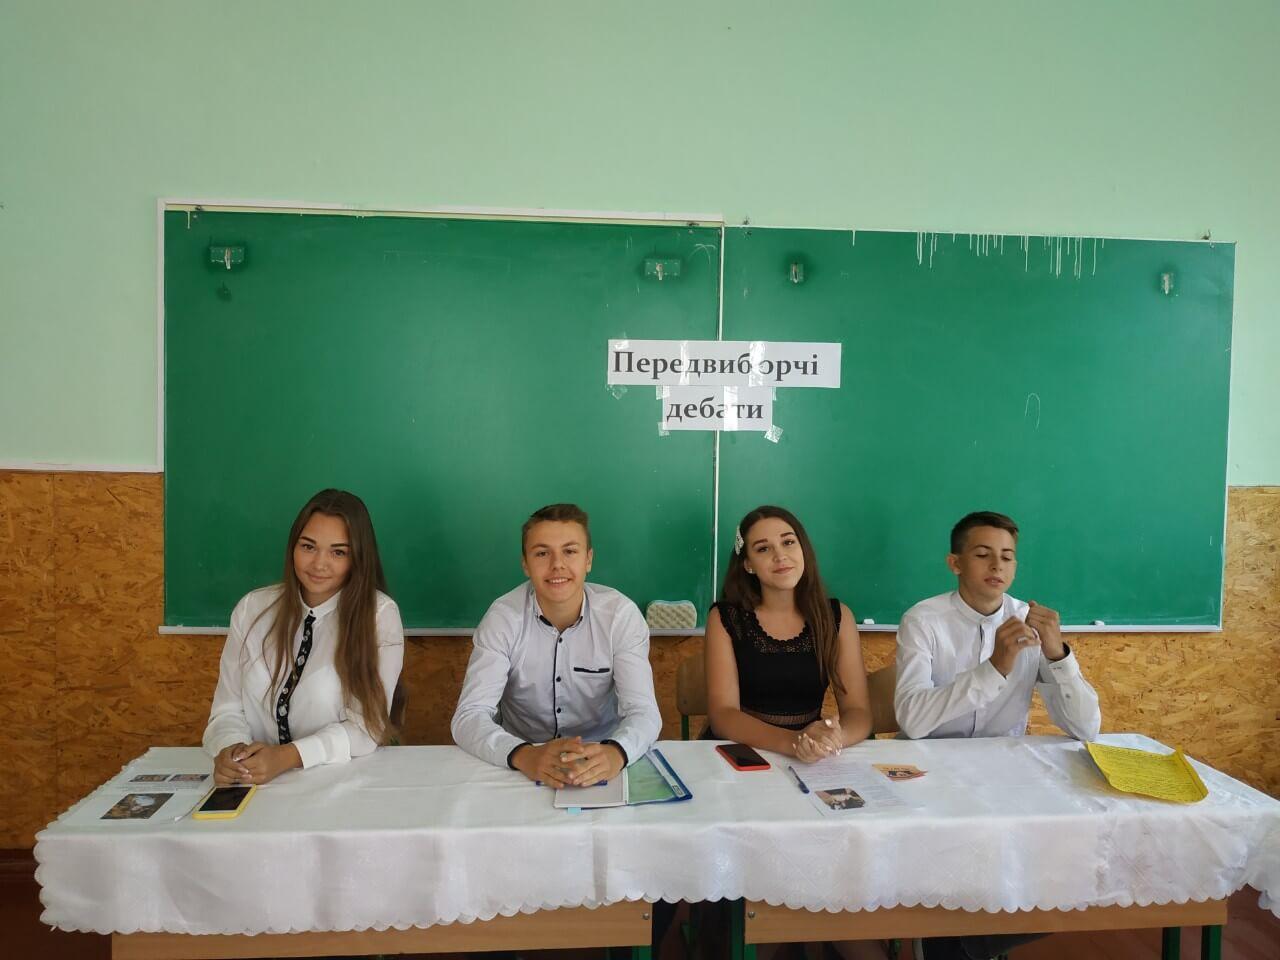 zobrazhennya viber 2019 09 23 19 14 10 - Вибори президента учнівського самоврядування